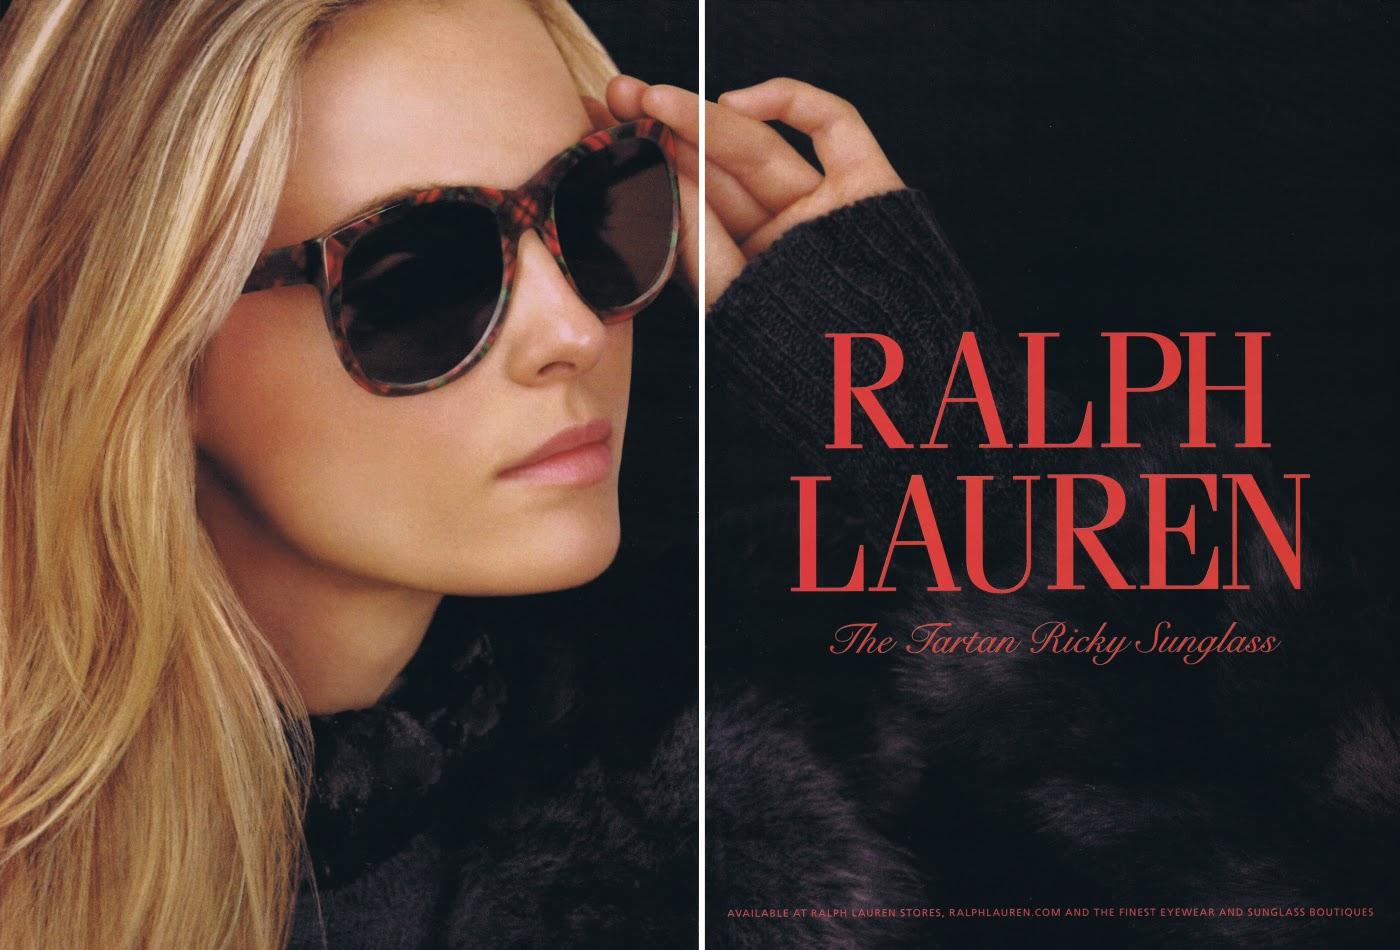 http://2.bp.blogspot.com/_vX2JZHFno7o/TLwmtdVGCcI/AAAAAAAA3vc/cFHZRhtf720/s1600/Ralph+Lauren.bmp